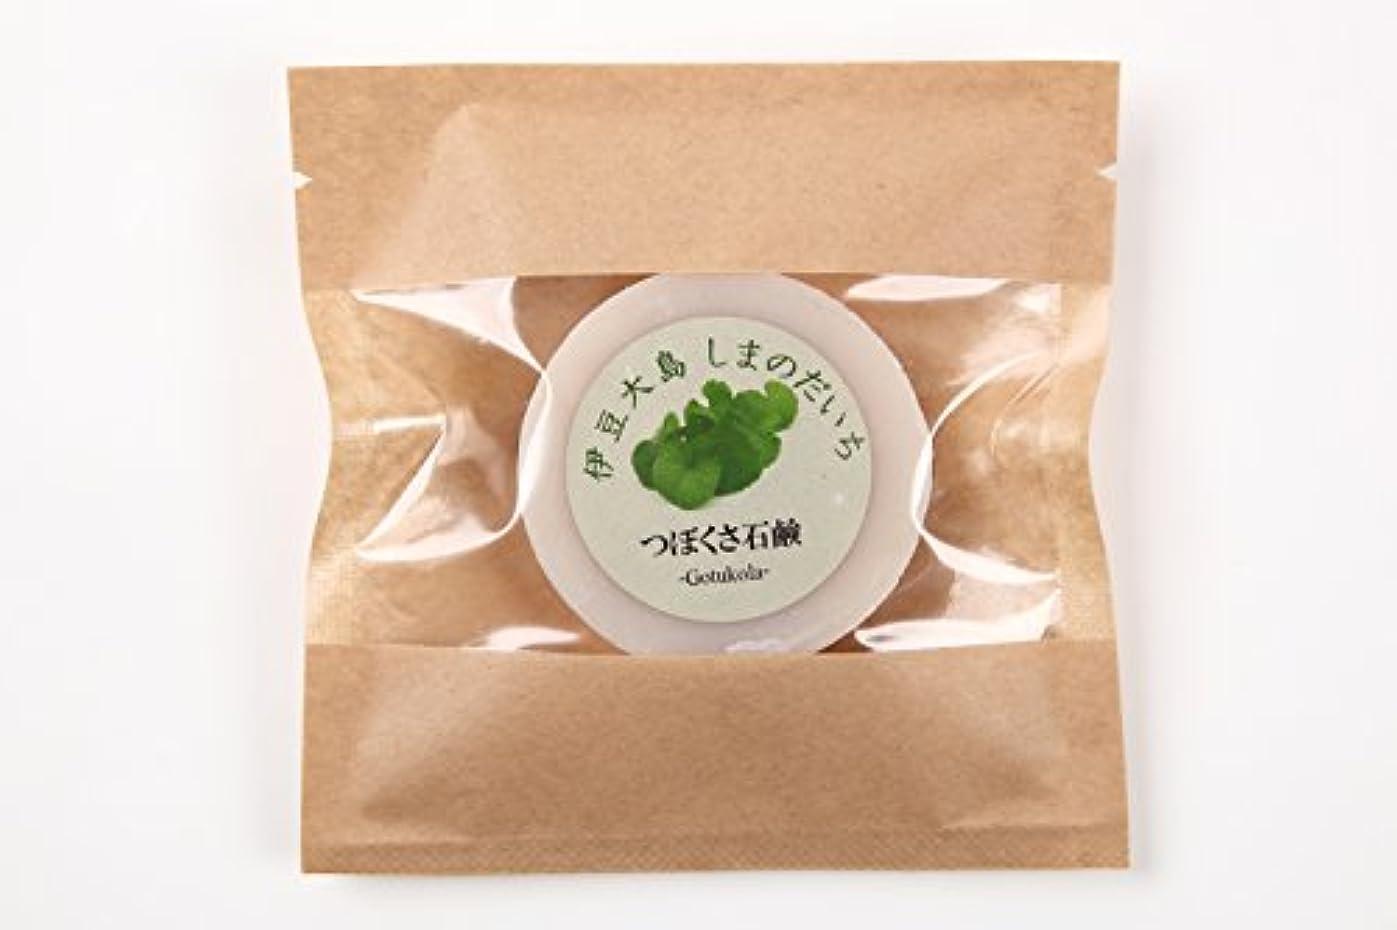 ファーザーファージュドライブキモいツボクサ(ゴツコラ)の石鹸(伊豆大島産)